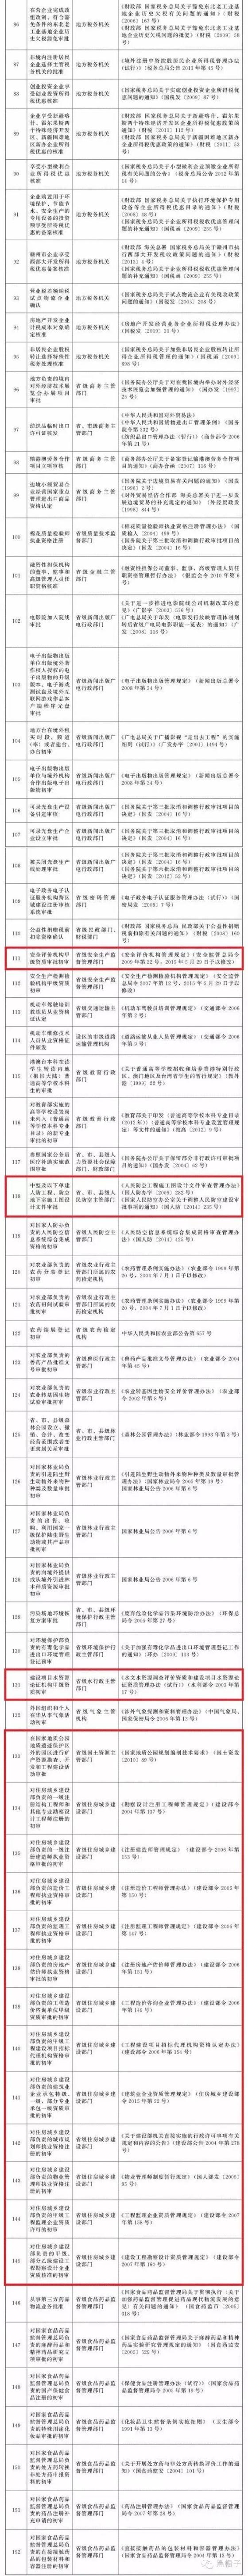 国务院:取消152项行政审批事项,涉工程建设领域40余项_2